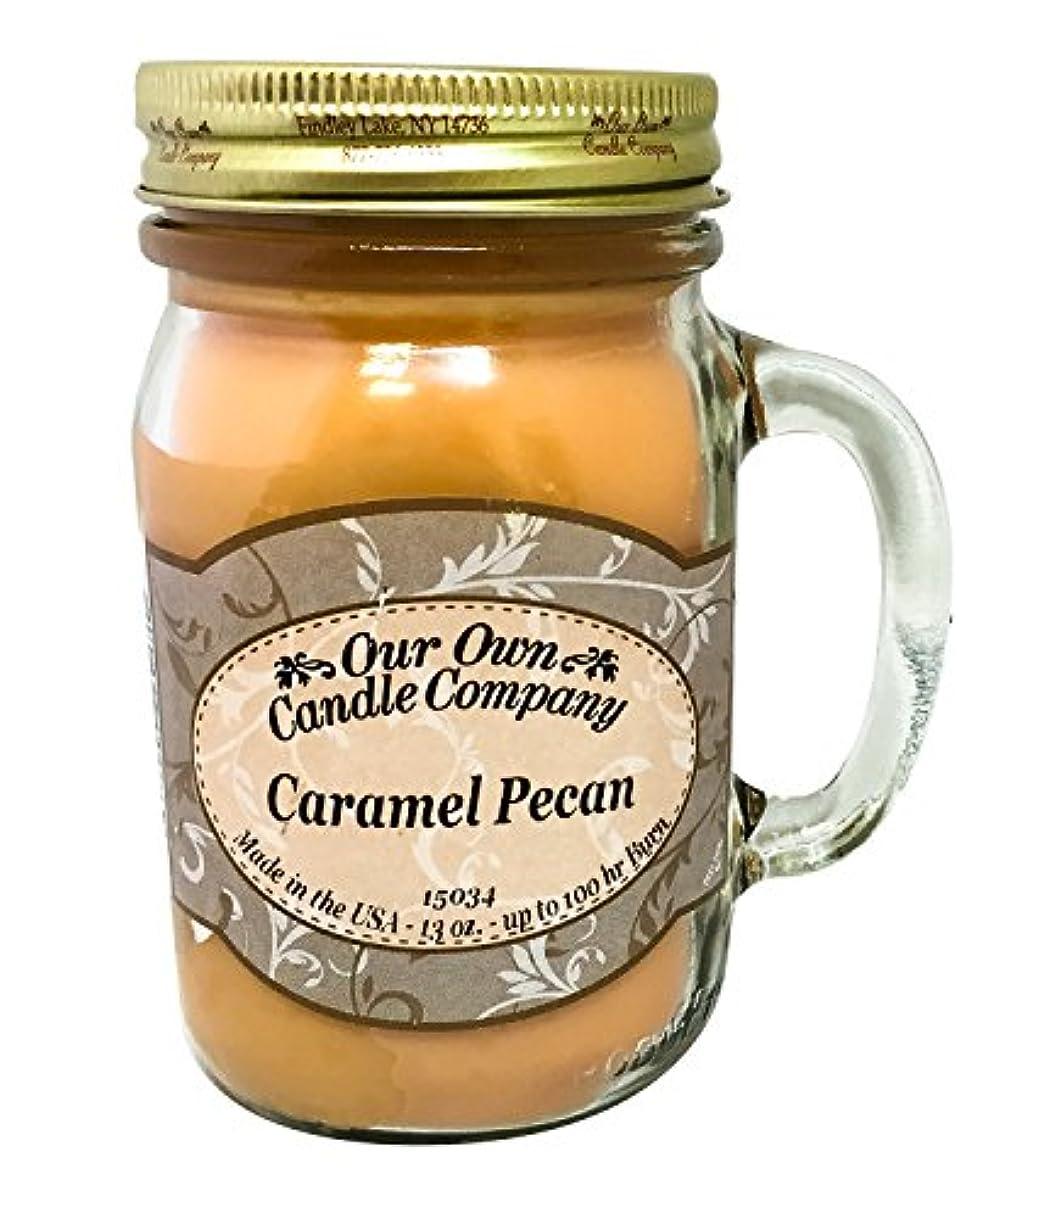 ベイビー帝国主義バイパスアロマキャンドル メイソンジャー キャラメルピーカン ビッグ Our Own Candle Company Caramel Pecan big